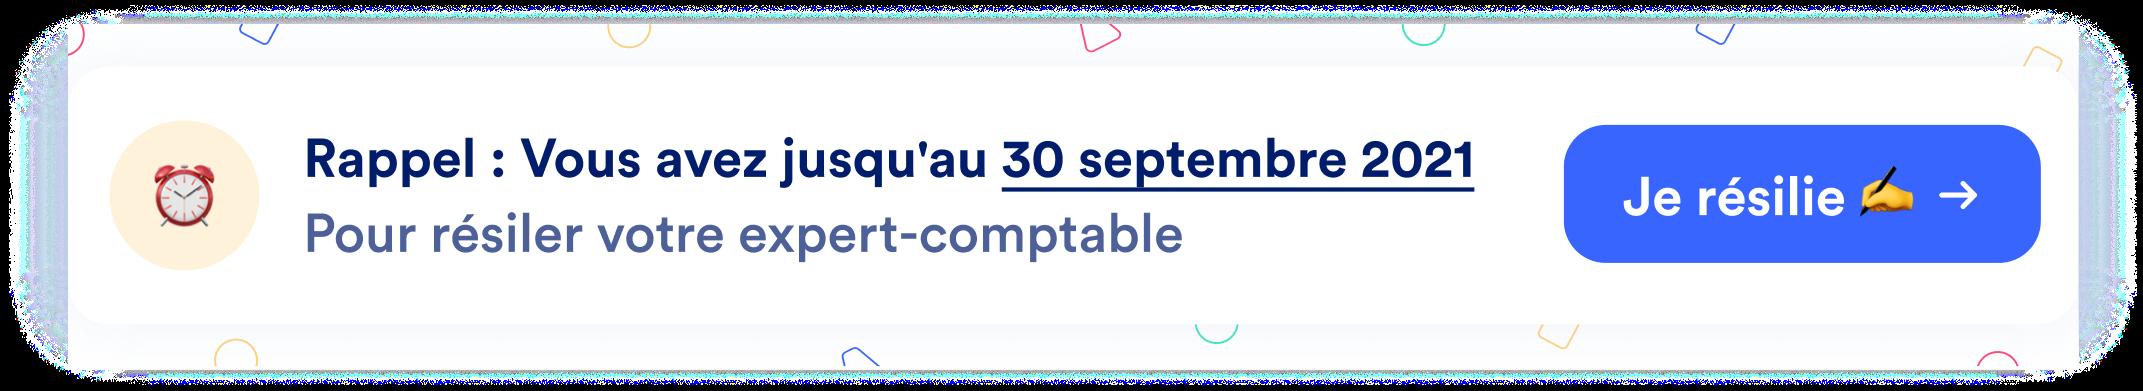 Vous avez jusqu'au 30 septembre pour résilier la mission de votre expert-comptable